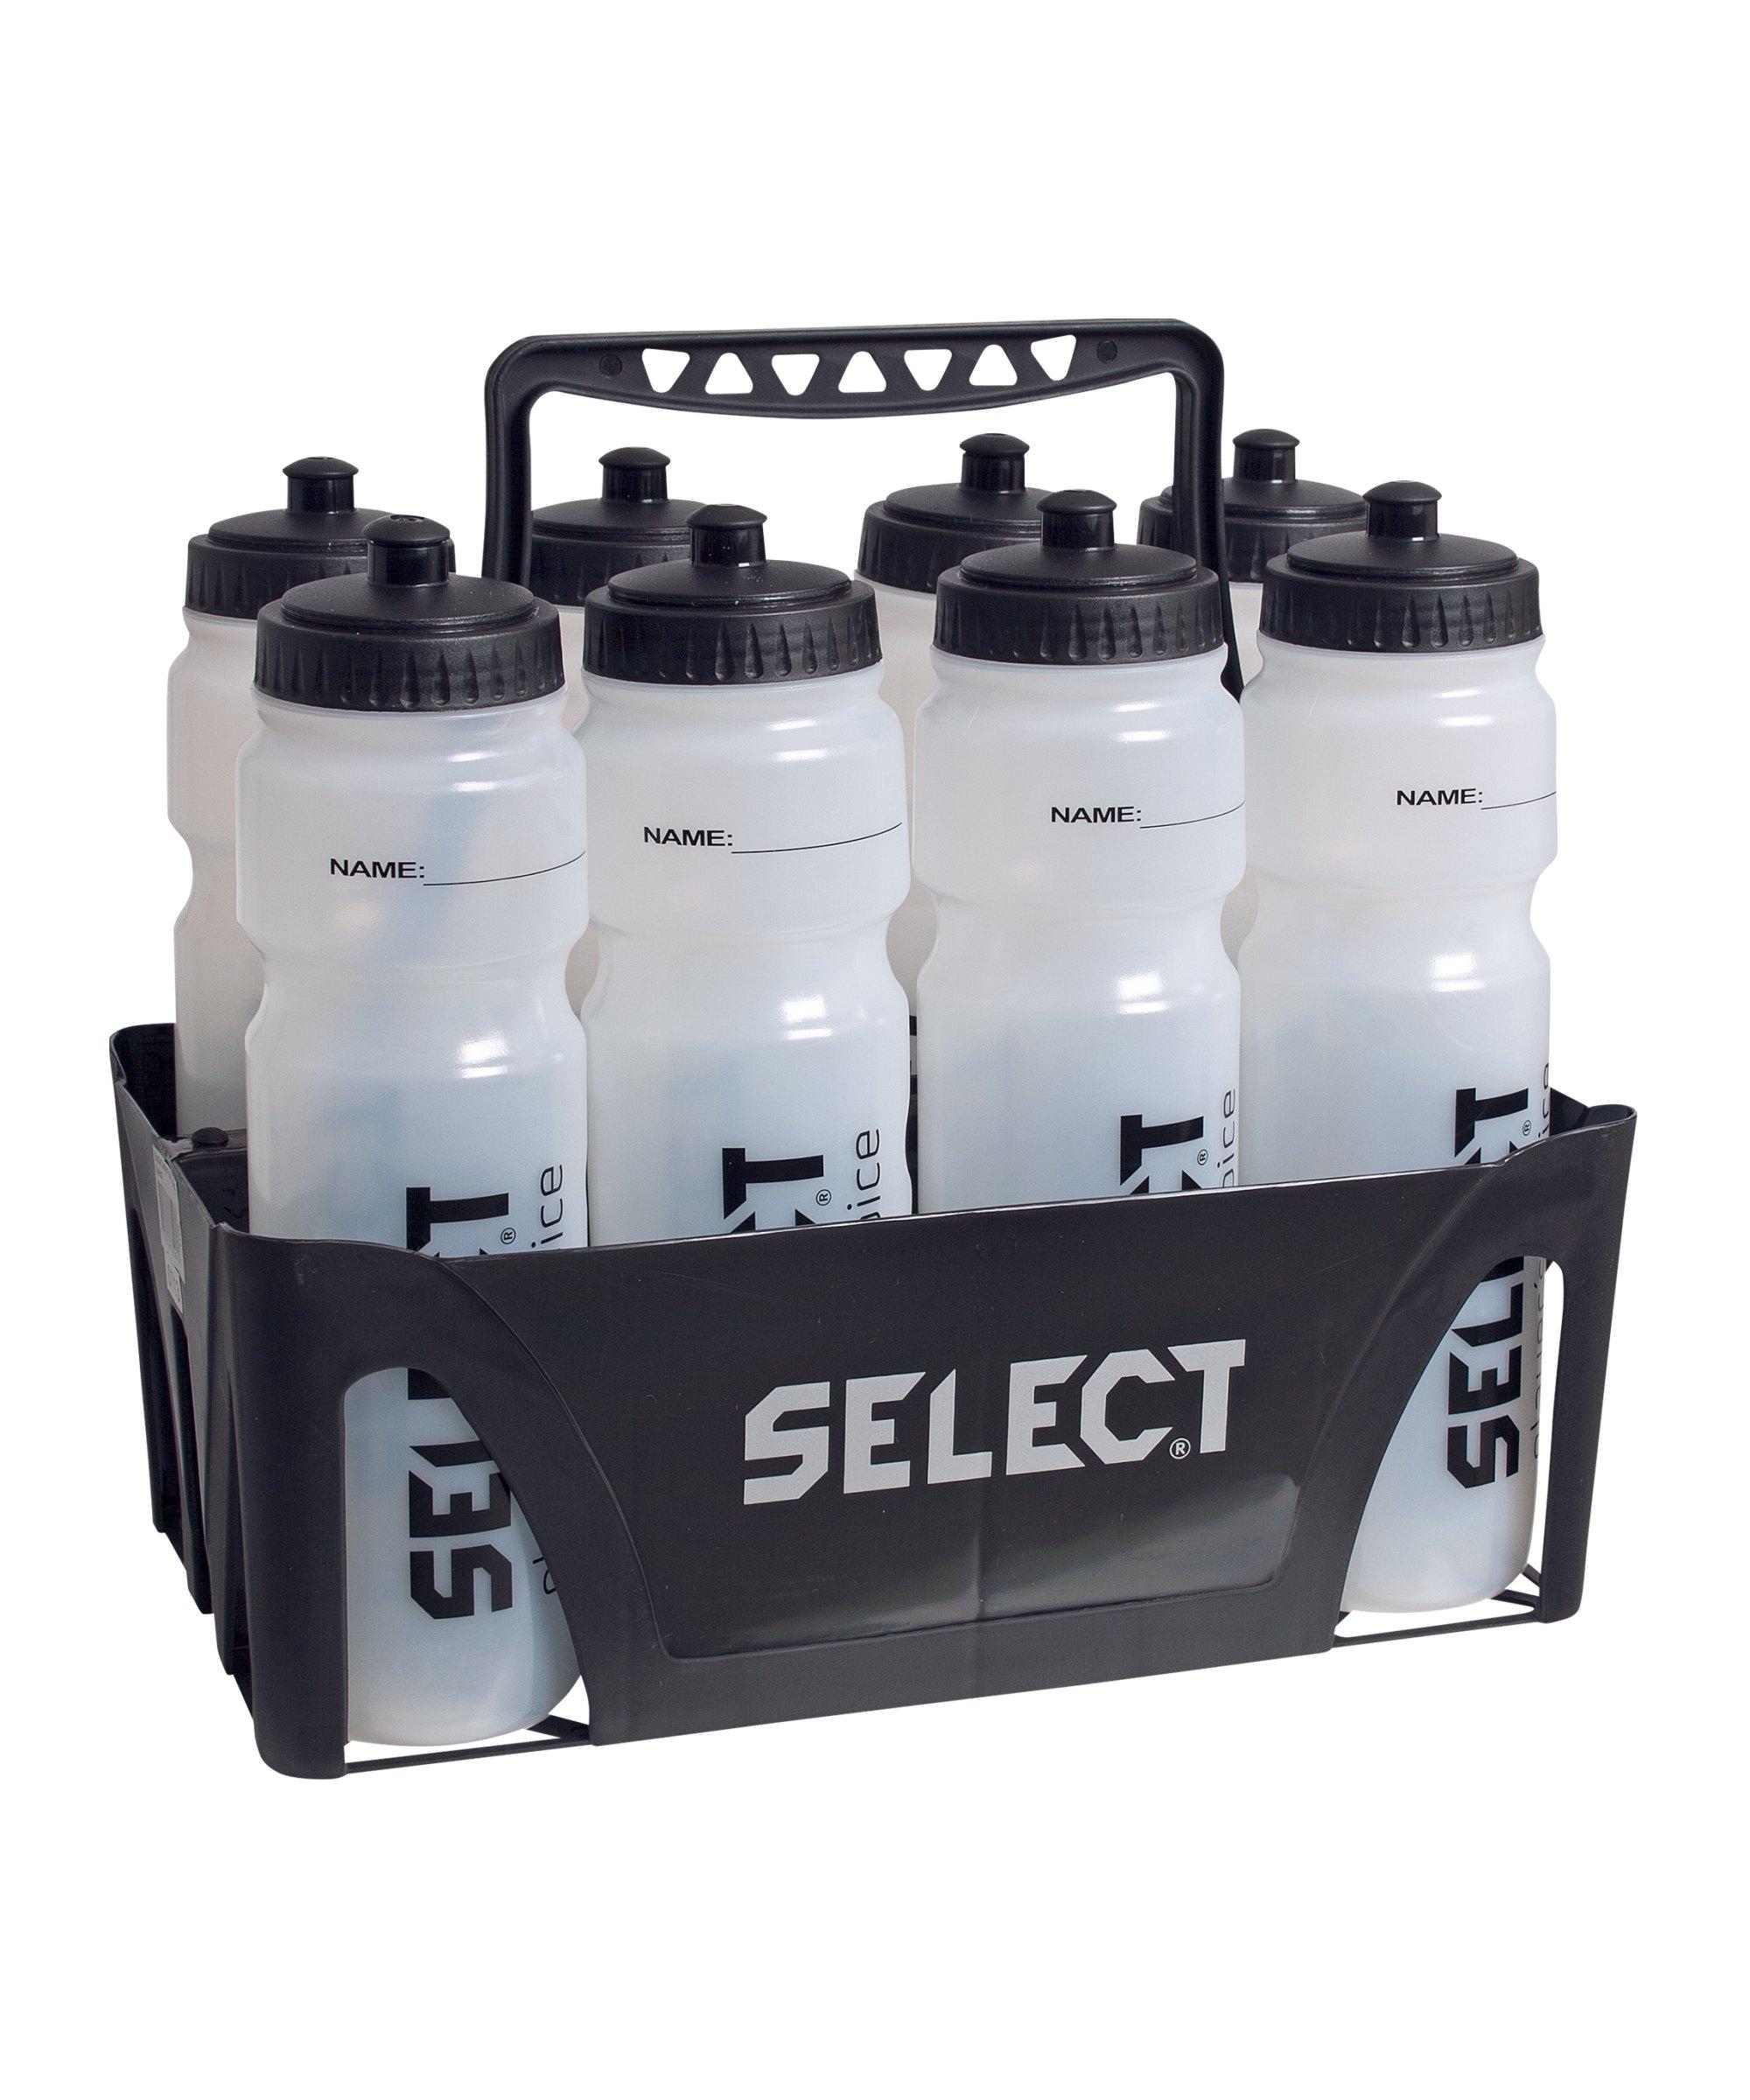 Select Trinkflaschenhalter f. 8 Flaschen Schwarz - schwarz